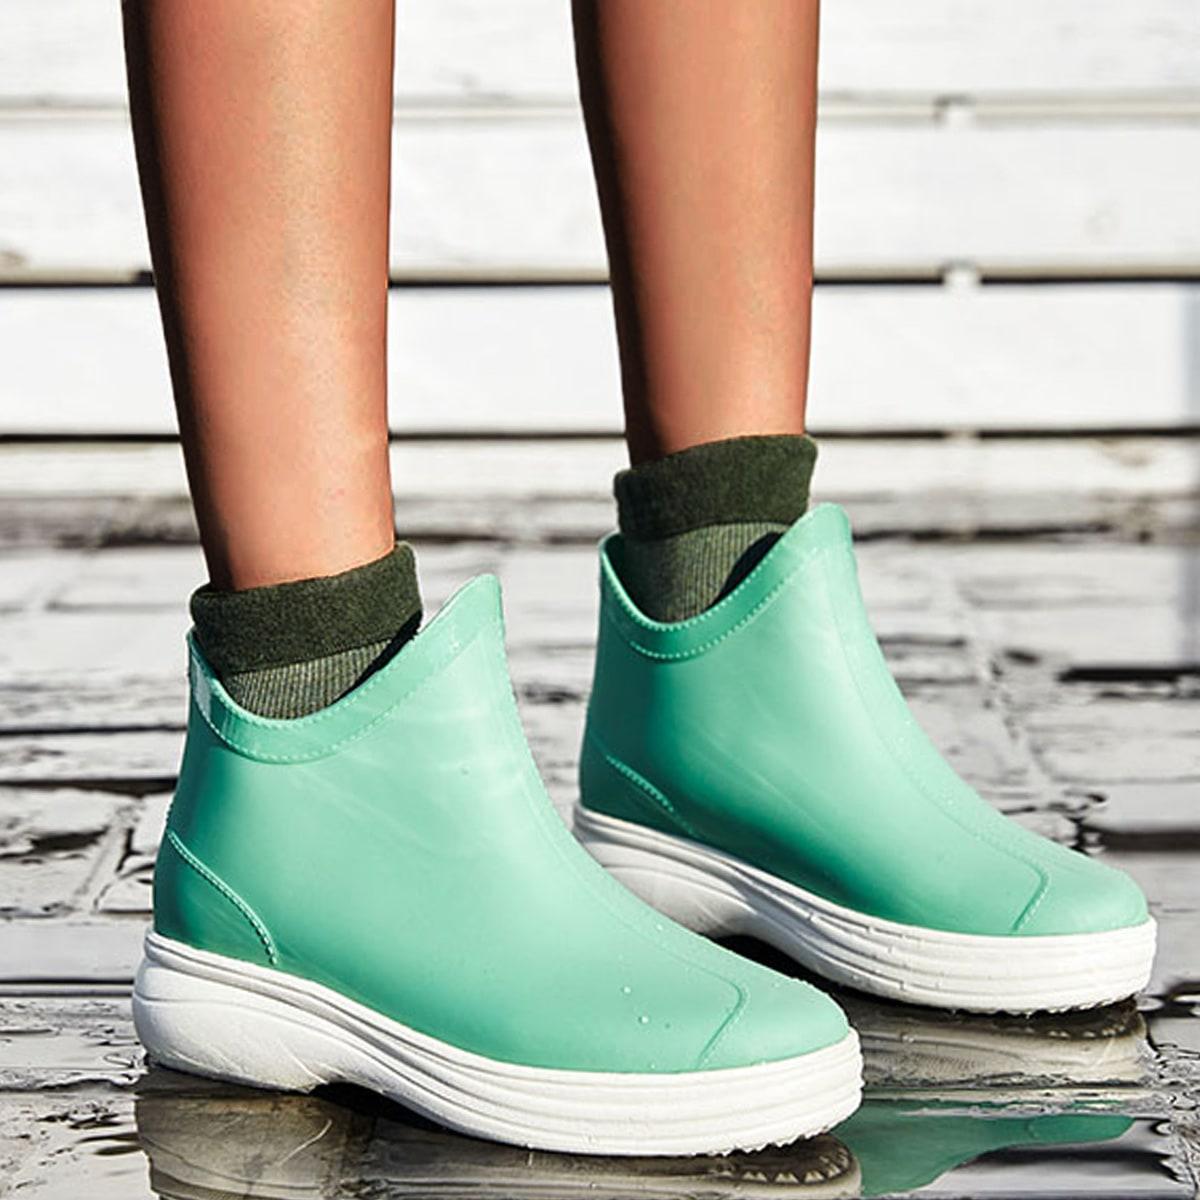 Обуви без шнурков Одноцветный Модный Сапоги